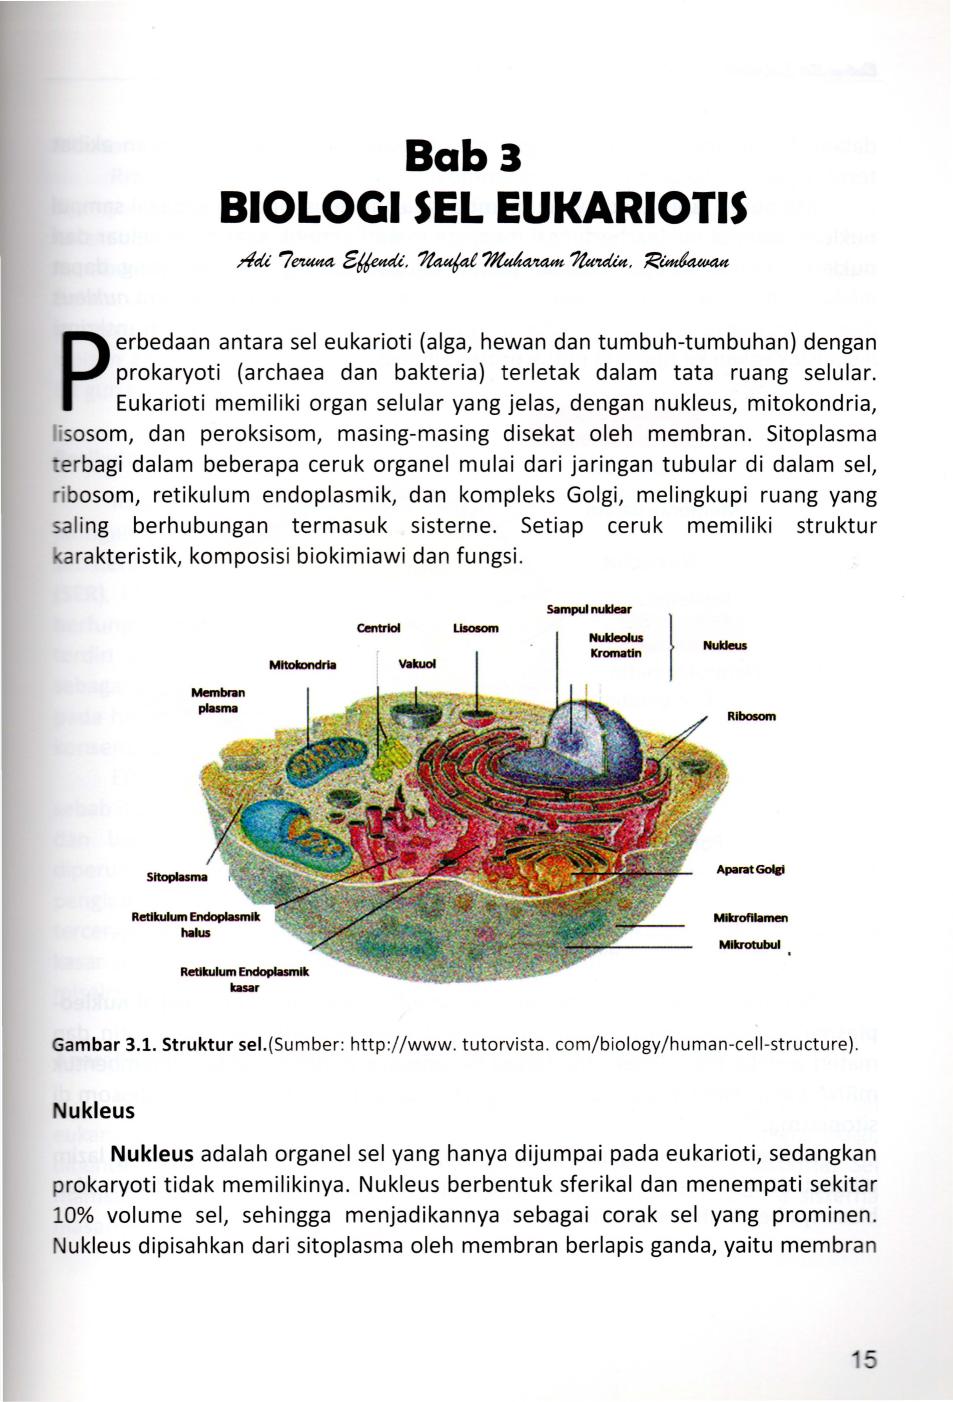 Bab3 Biolocii Sel Eukariotis